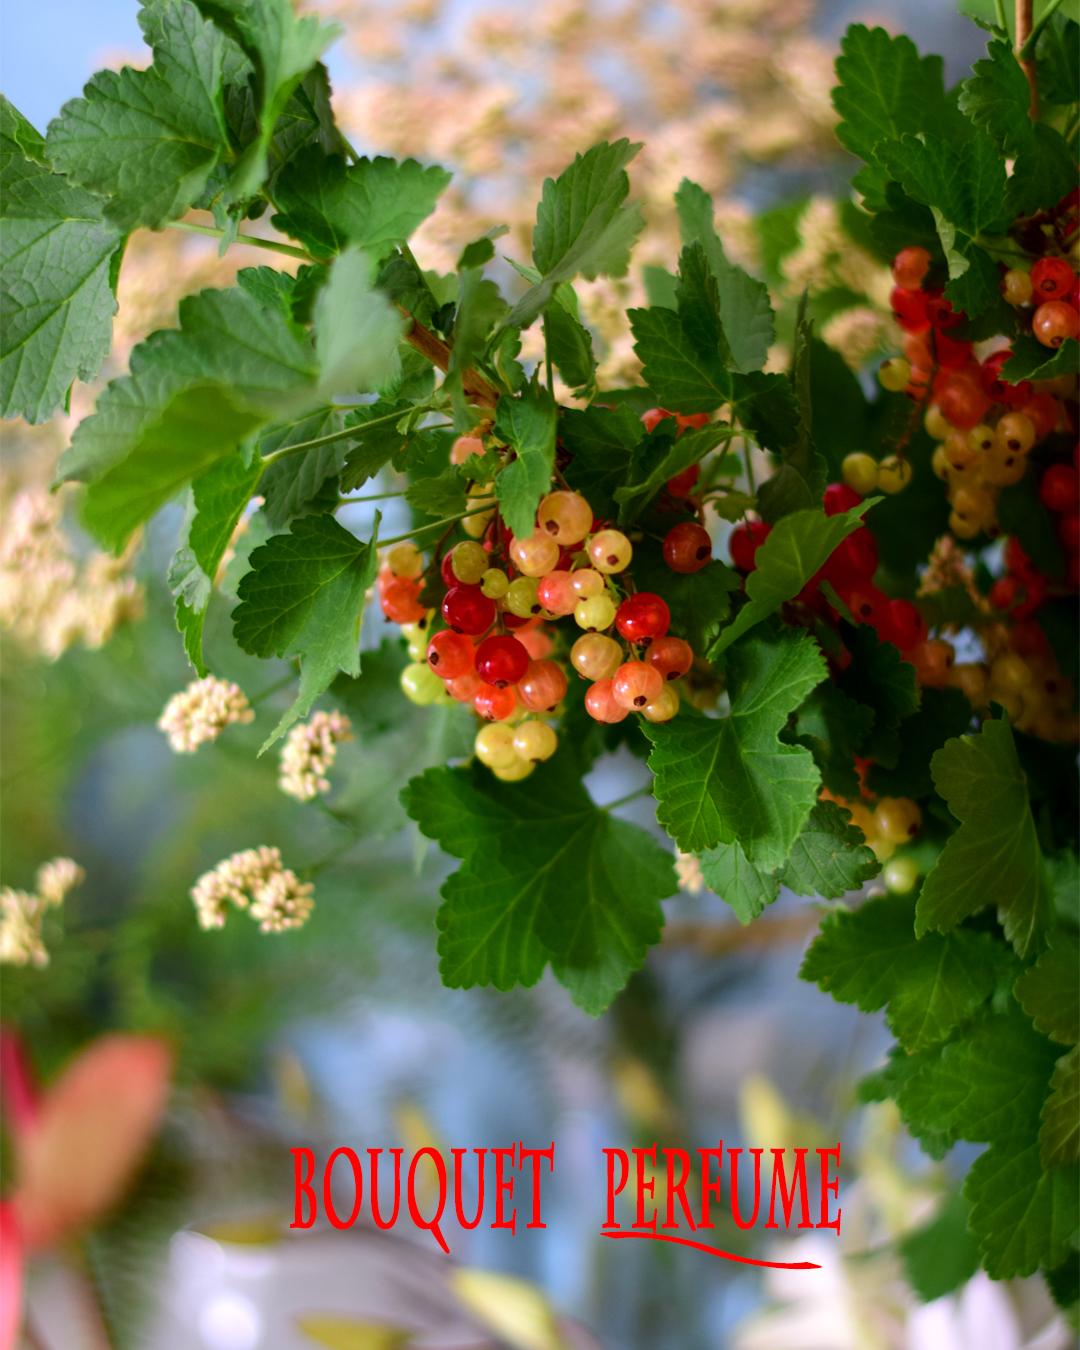 夏のおすすめ。人気の赤い実もの。房すぐり